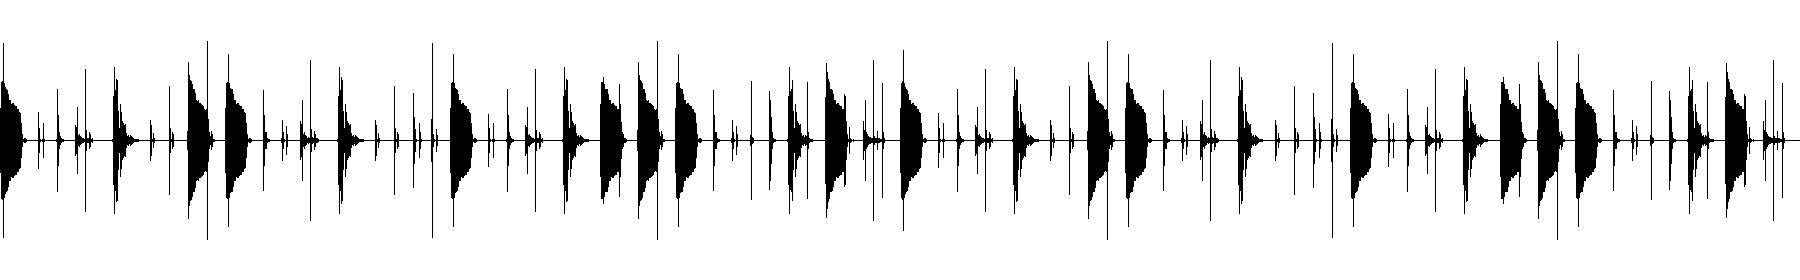 80 drumloop sp 06